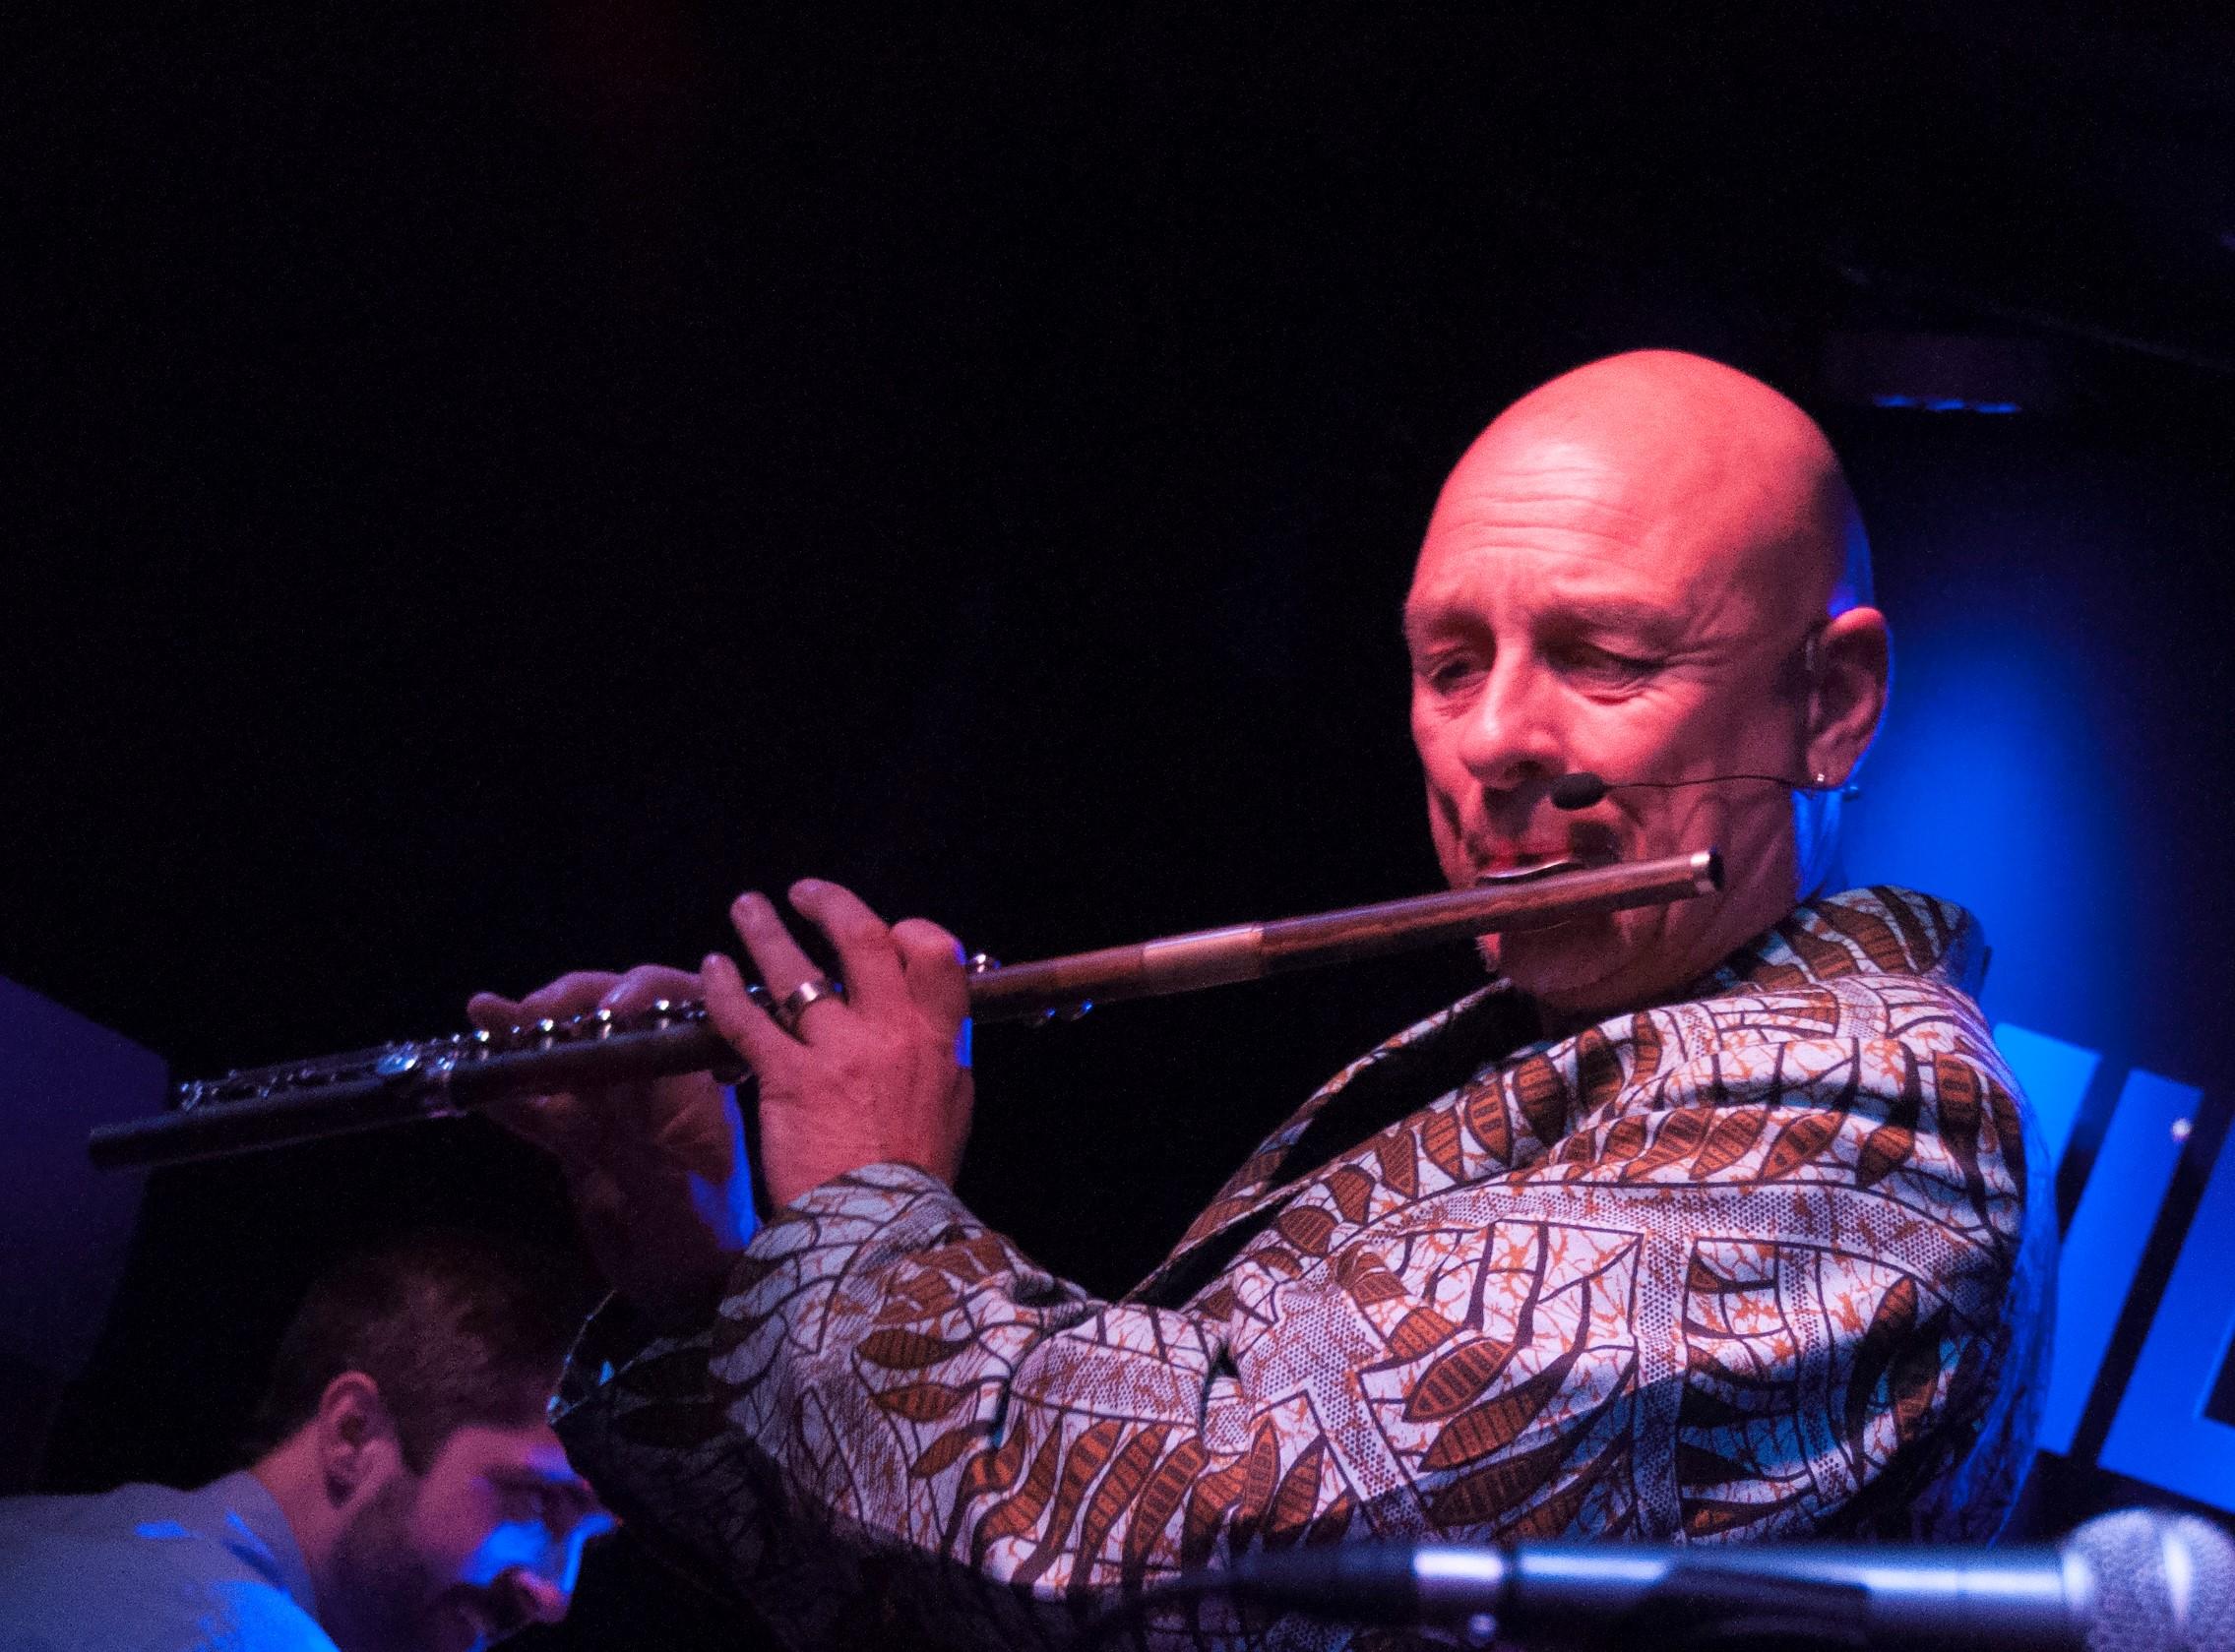 Jeroen Pek flute player Gallery 01